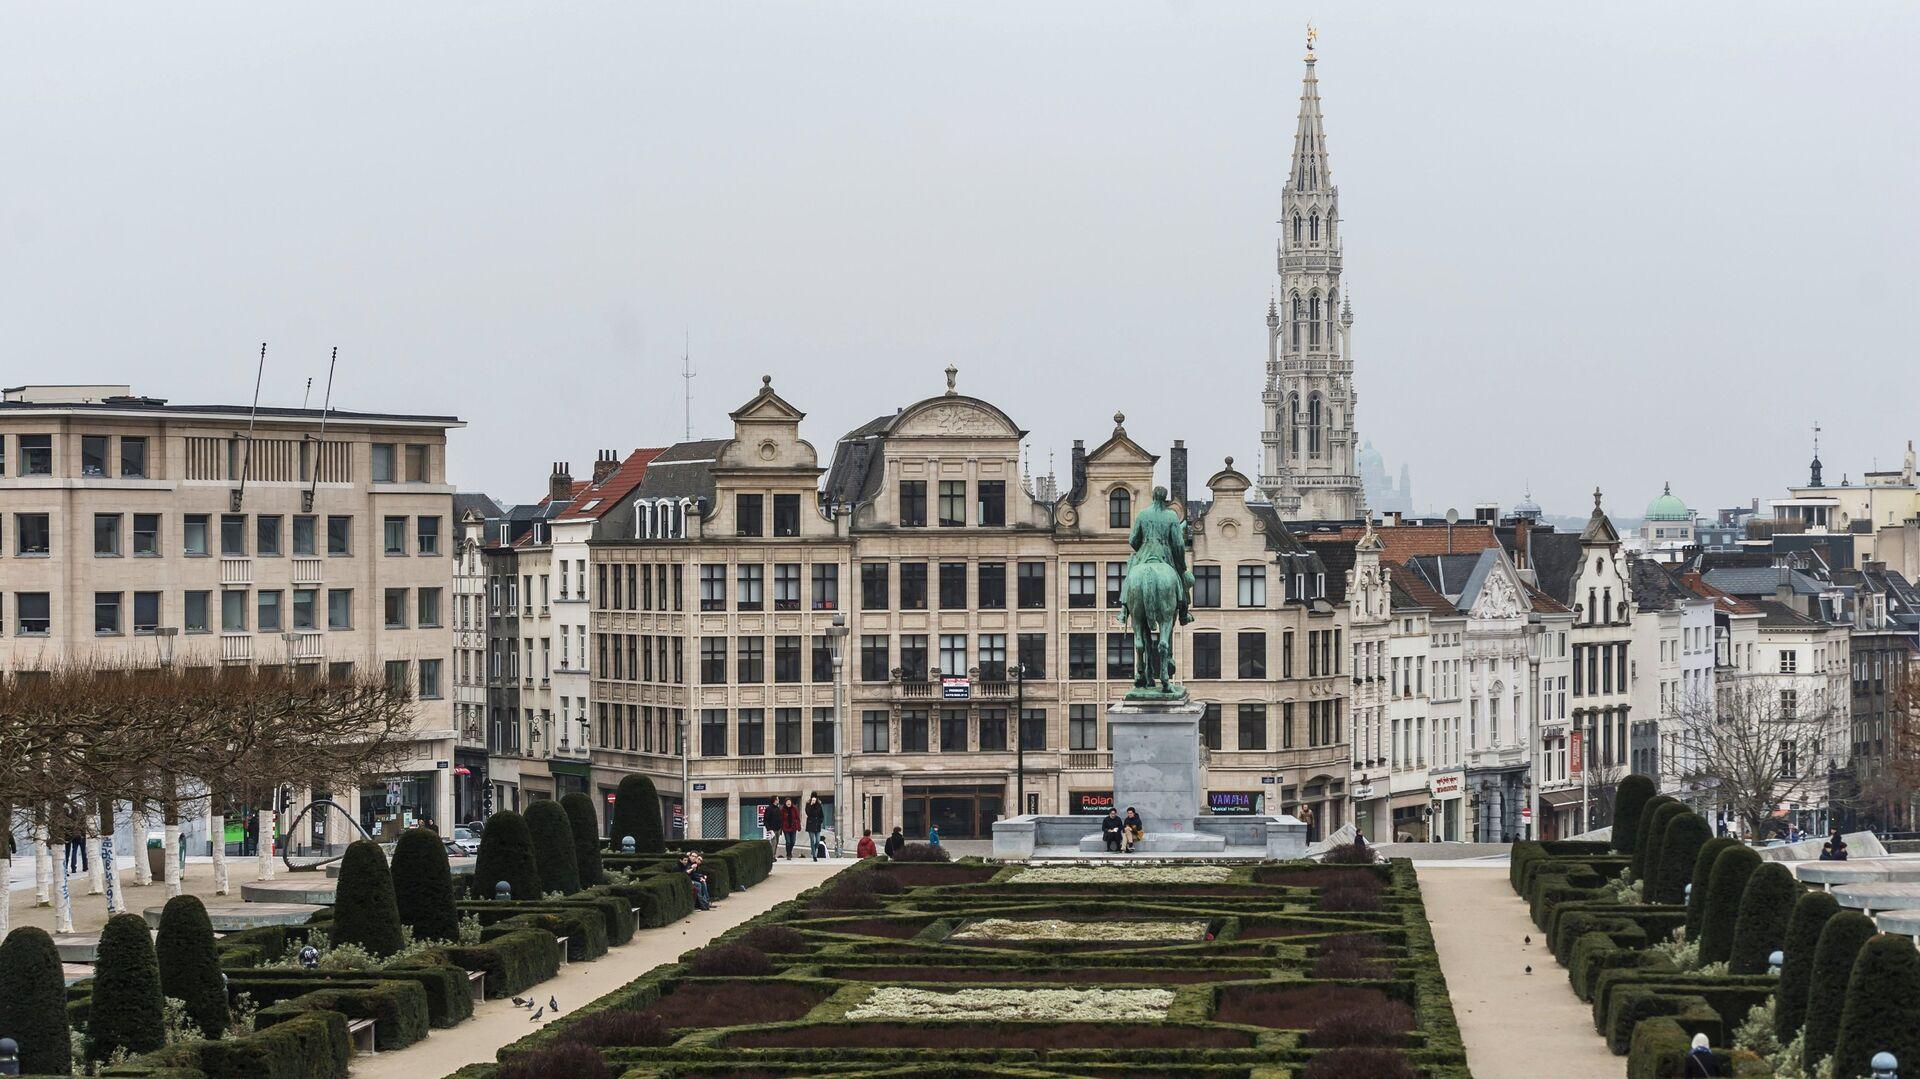 Вид на одну из улиц Брюсселя, Бельгия - РИА Новости, 1920, 19.11.2020